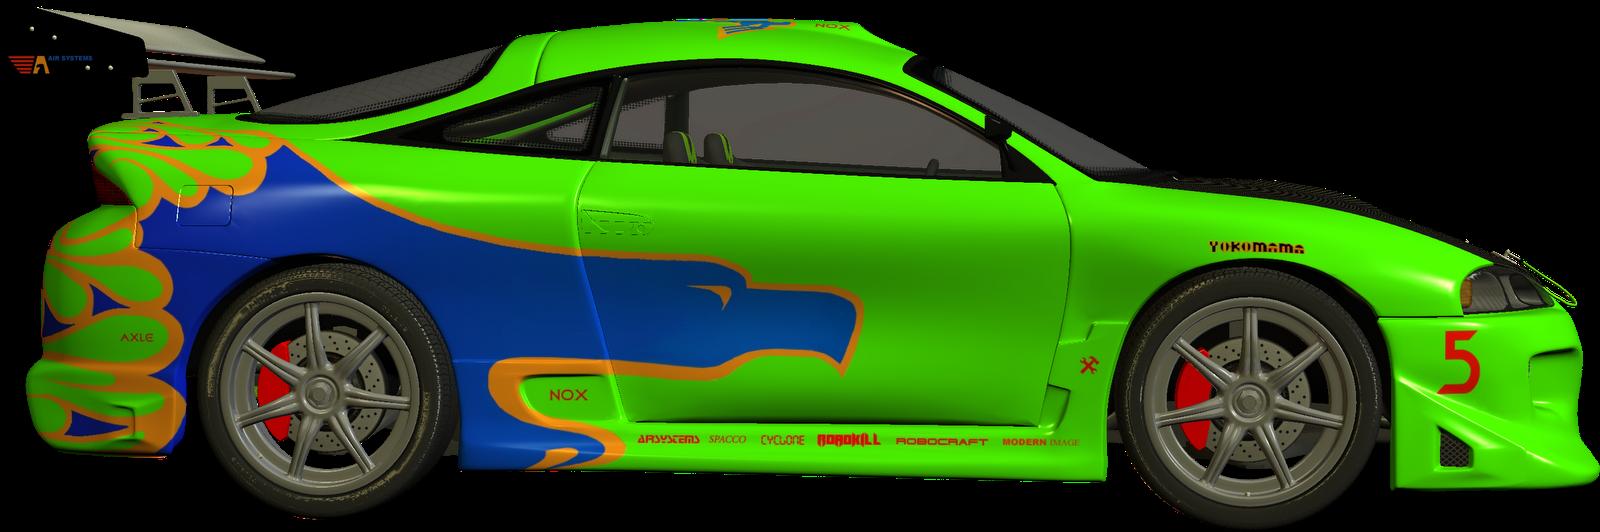 car clipart-car clipart-16